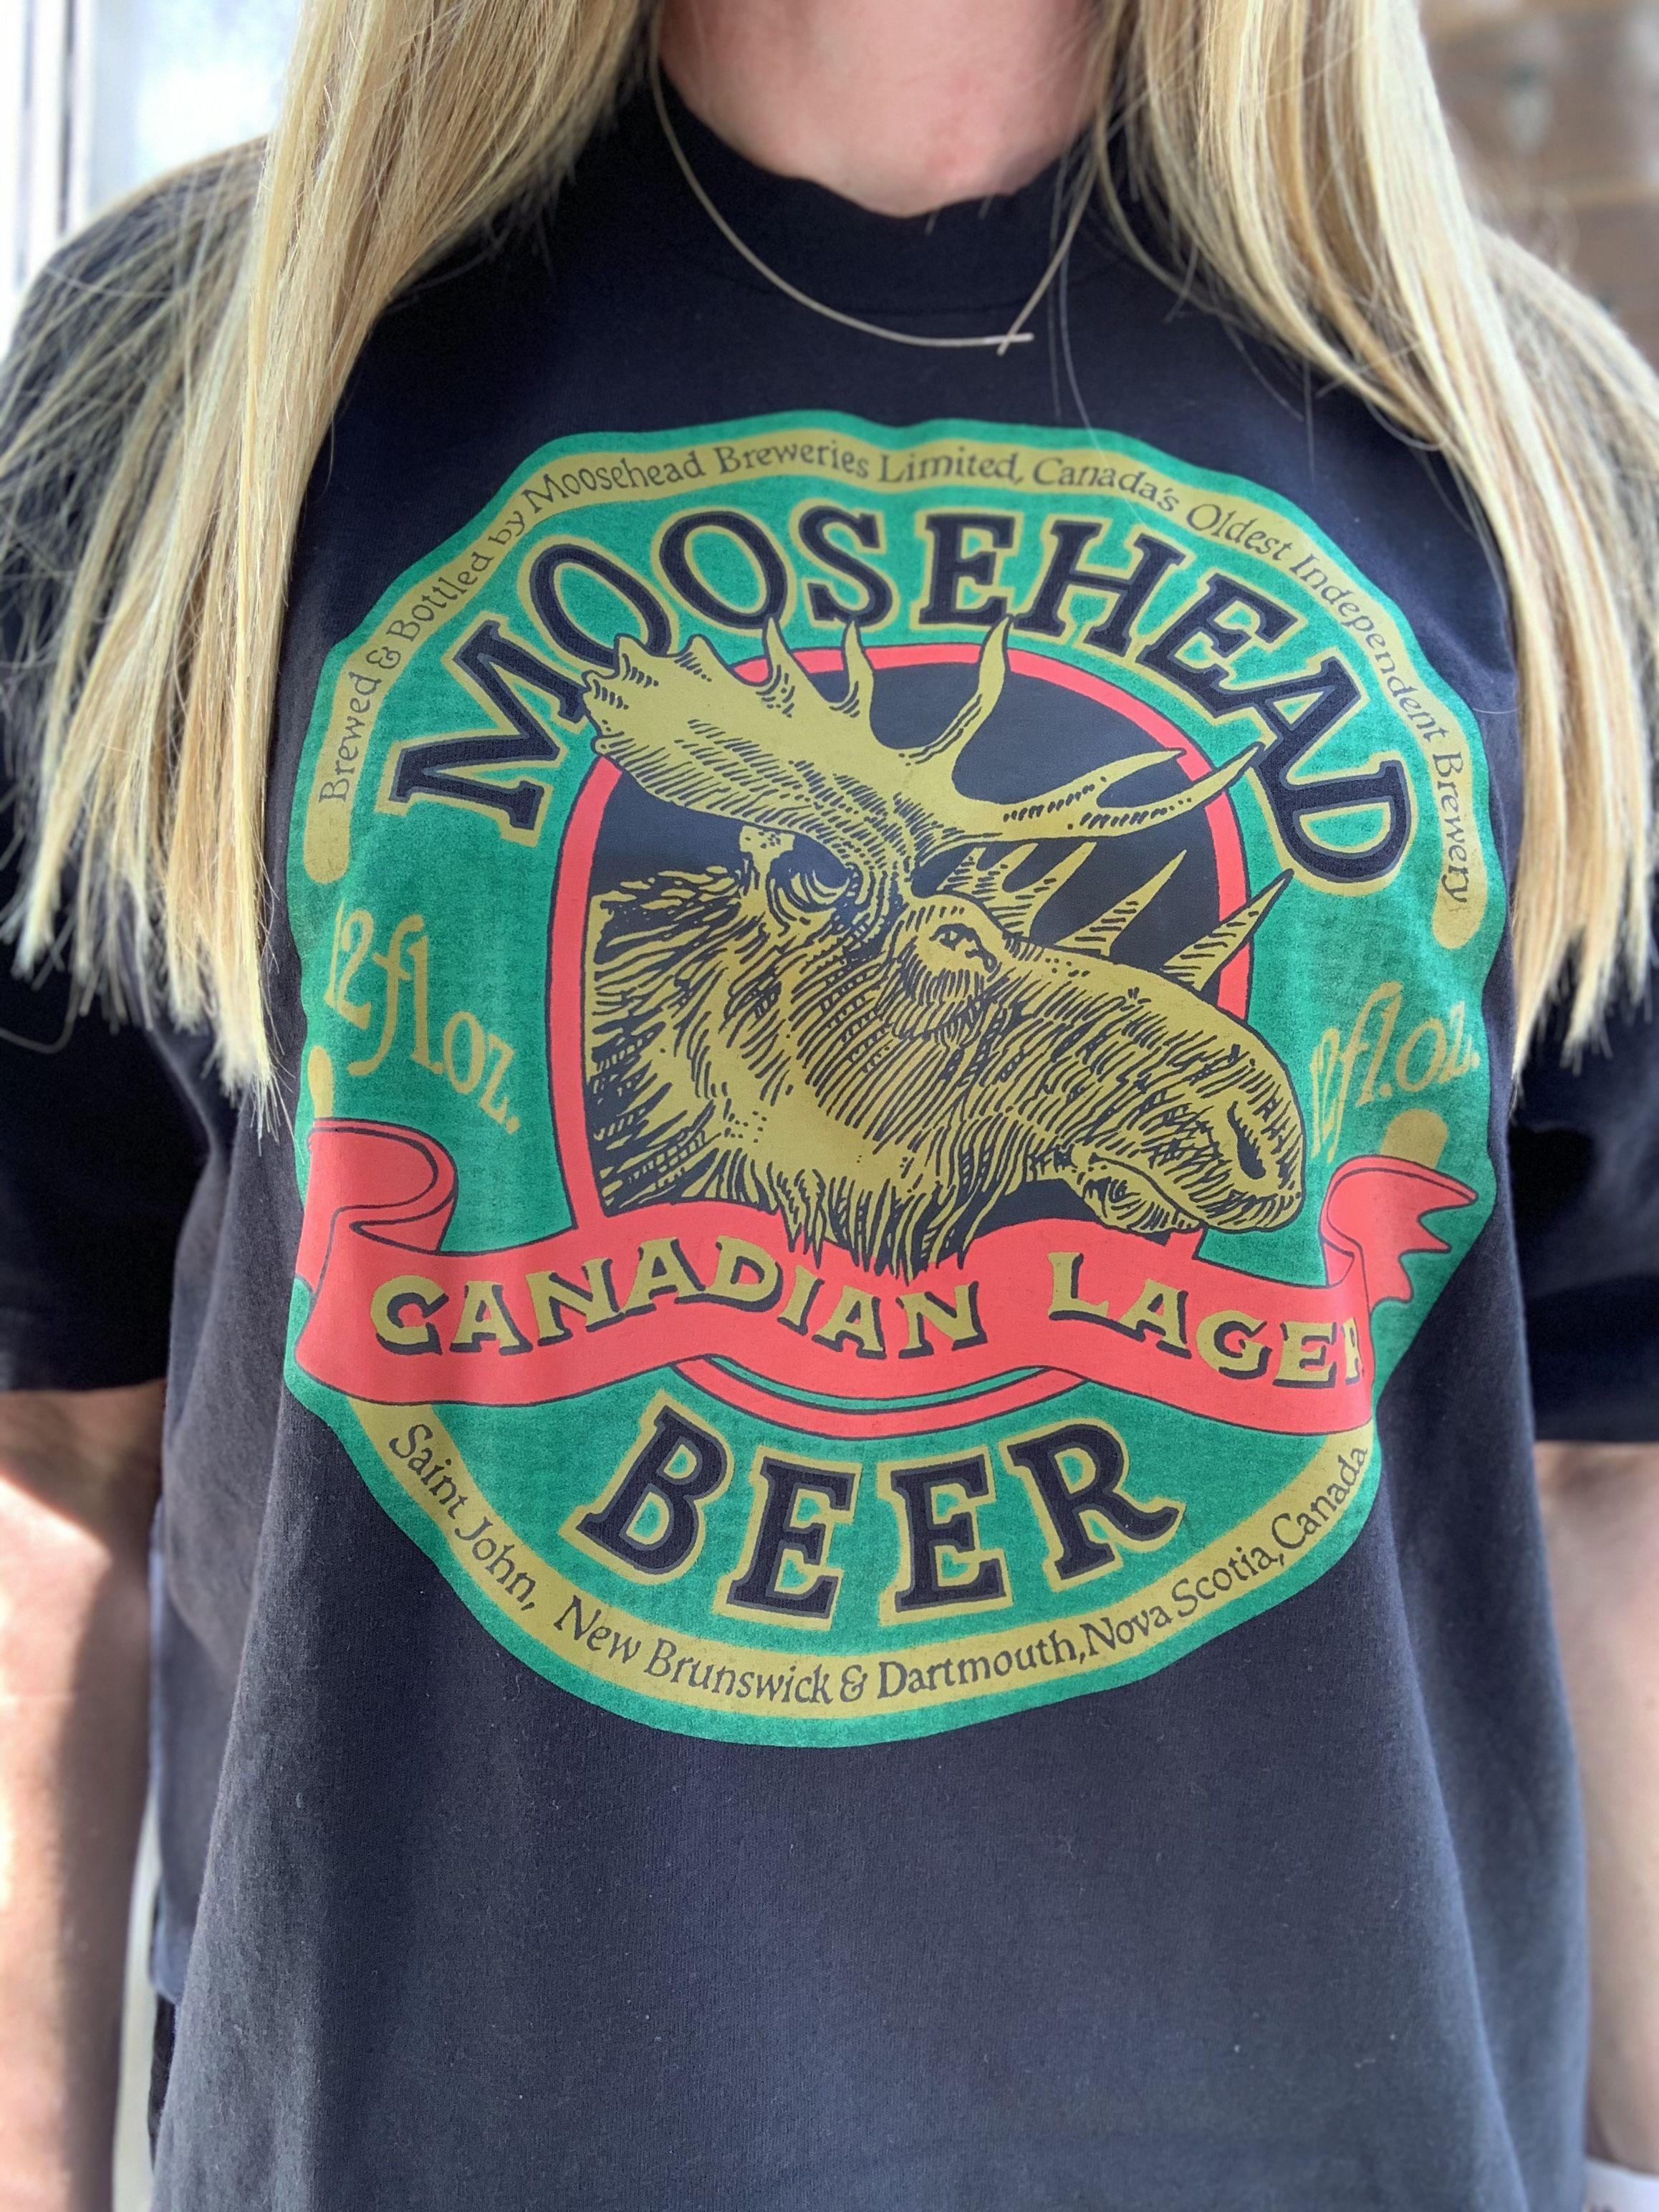 Sold Vintage Moosehead Beer T Shirt Beer Tshirts Vintage Clothing Men Moosehead Beer